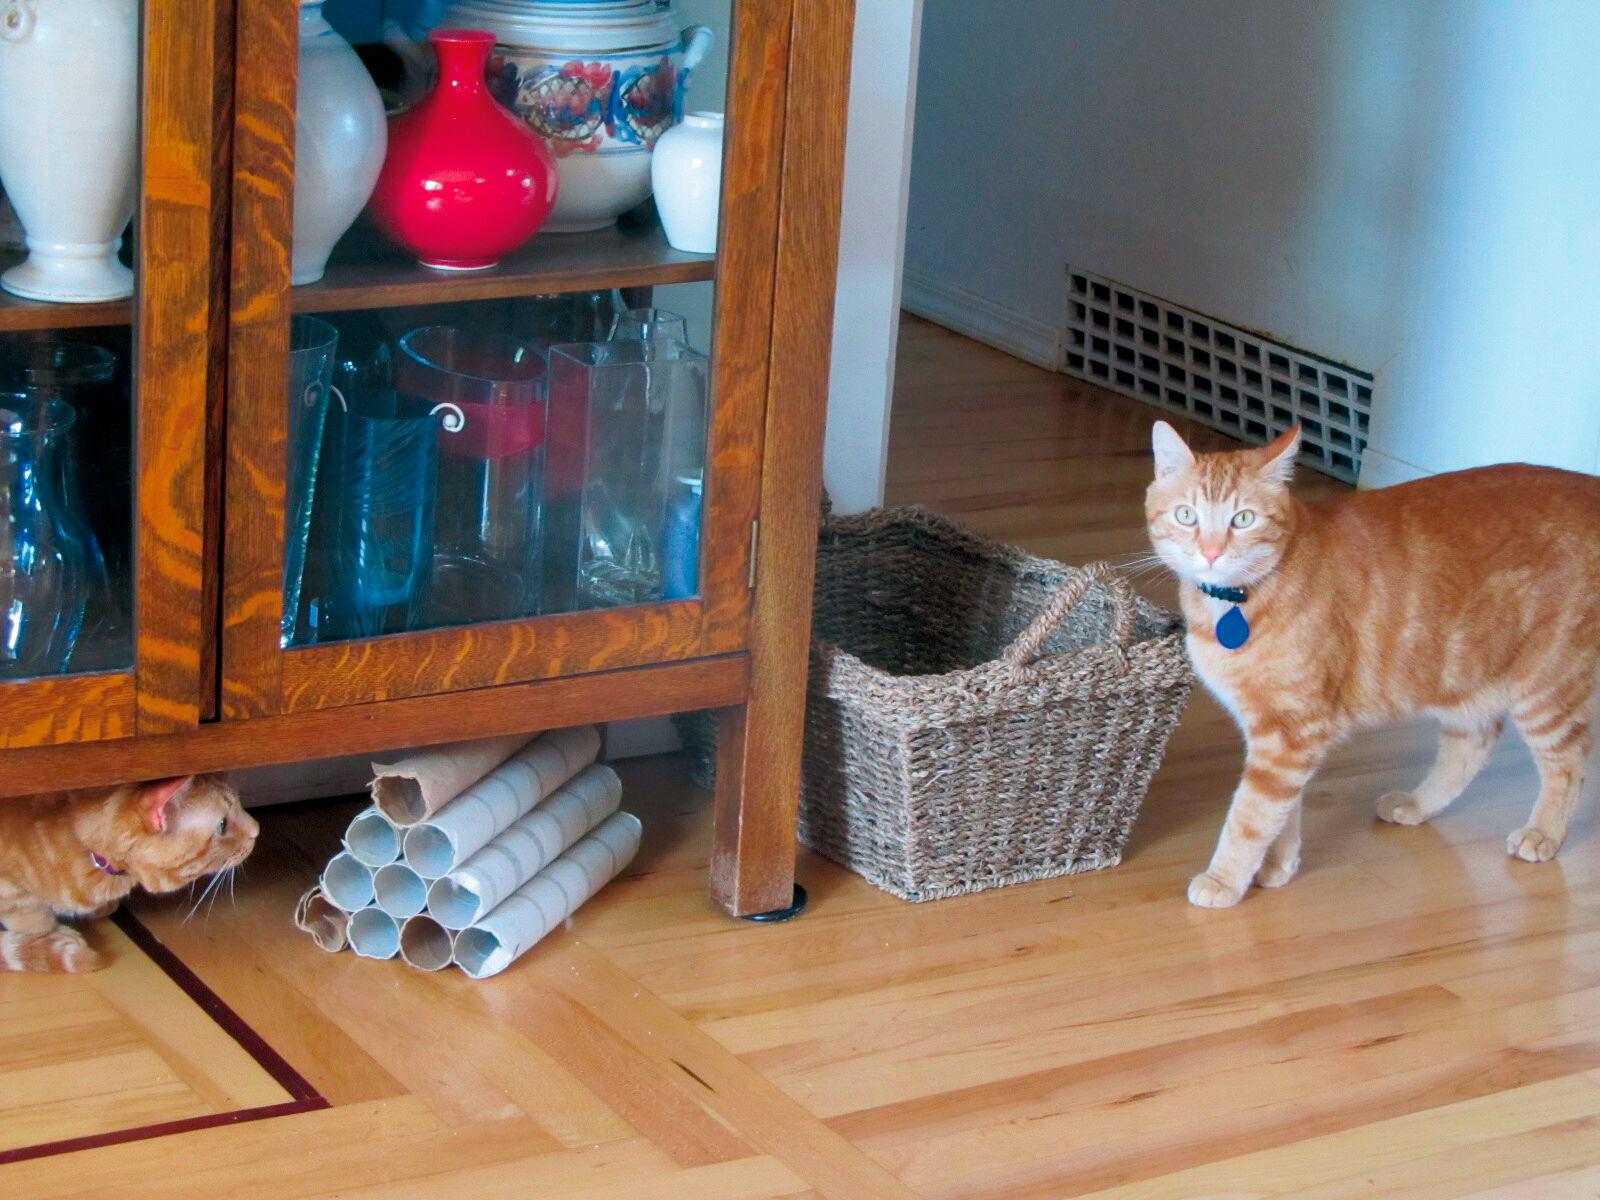 Abbildung 3. Verstecken ist ein essenzielles Bewältigungsverhalten für Katzen. In einem Mehrkatzenhaus ist es jedoch wichtig, dass sich eine Katze nicht in die Enge getrieben und ausweglos gefangen fühlt.